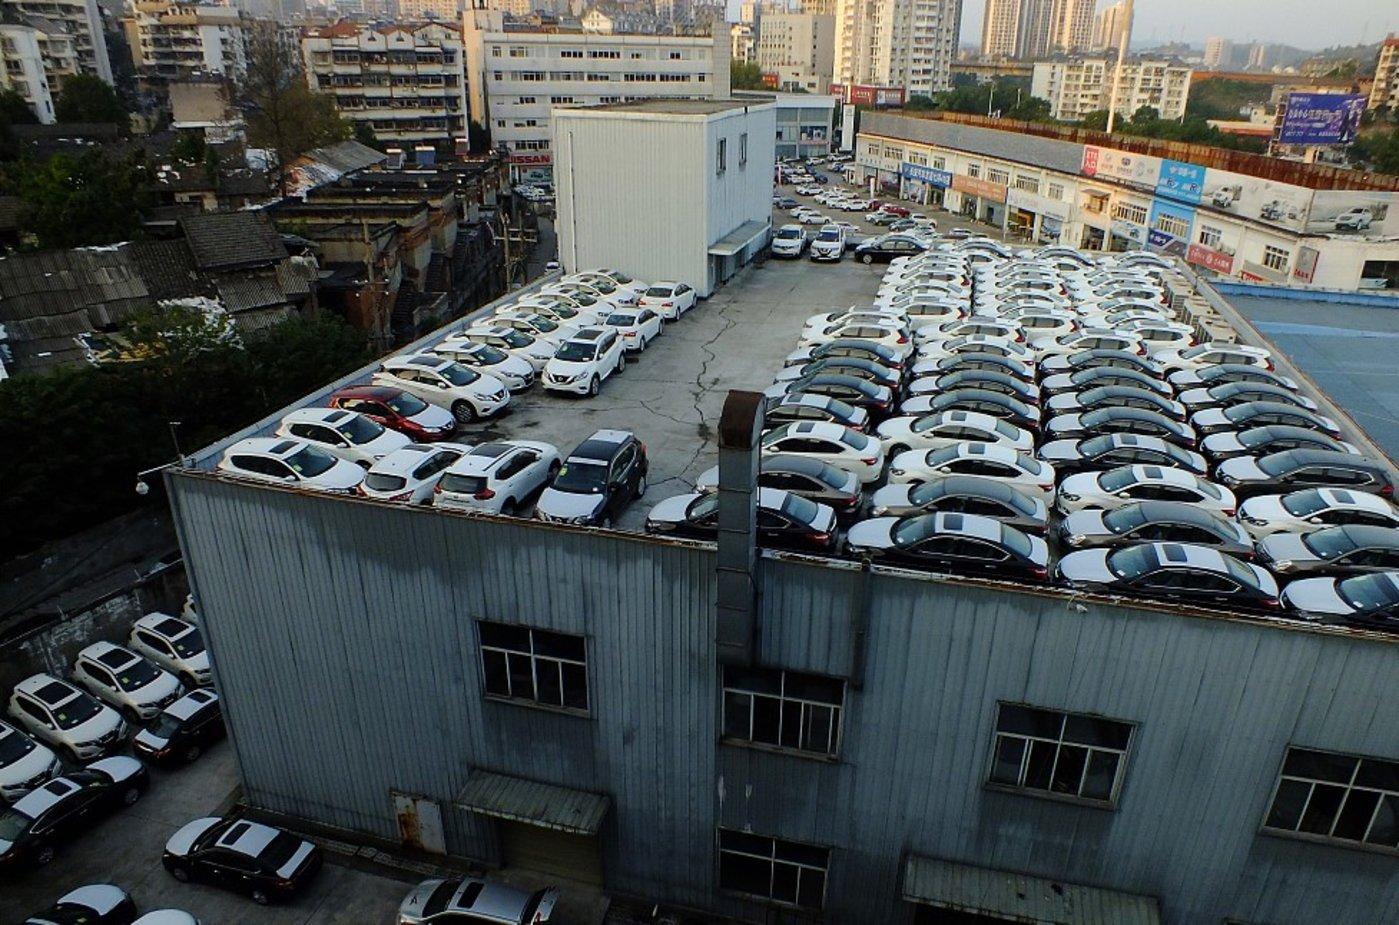 宜昌交运集团汽贸城,一家4S店楼顶停满待售的新车